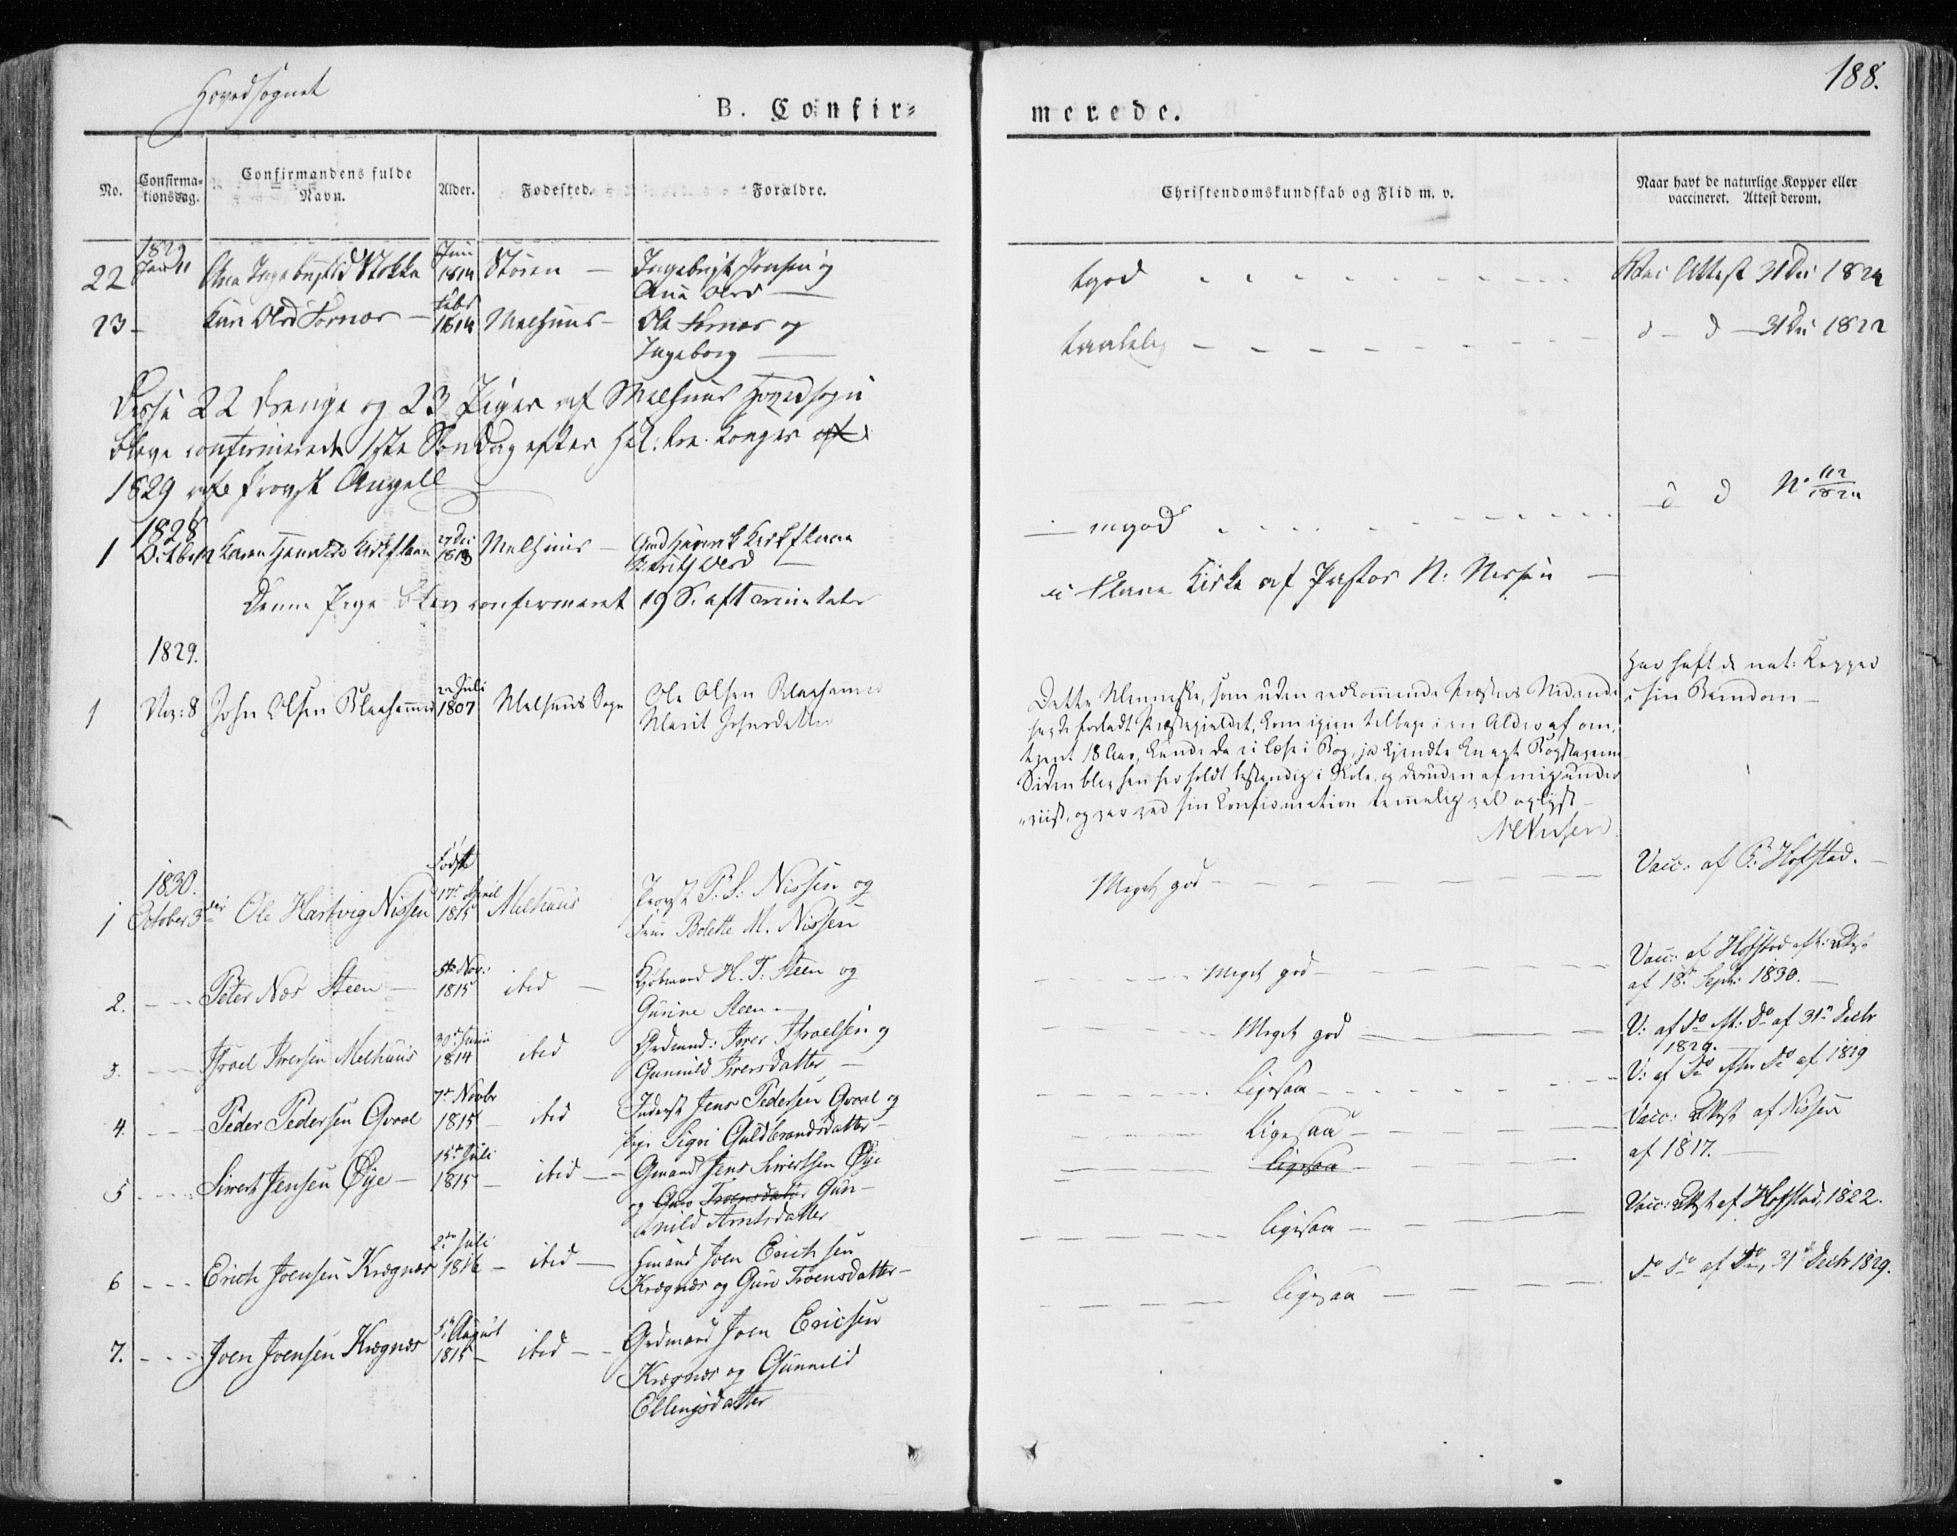 SAT, Ministerialprotokoller, klokkerbøker og fødselsregistre - Sør-Trøndelag, 691/L1069: Ministerialbok nr. 691A04, 1826-1841, s. 188